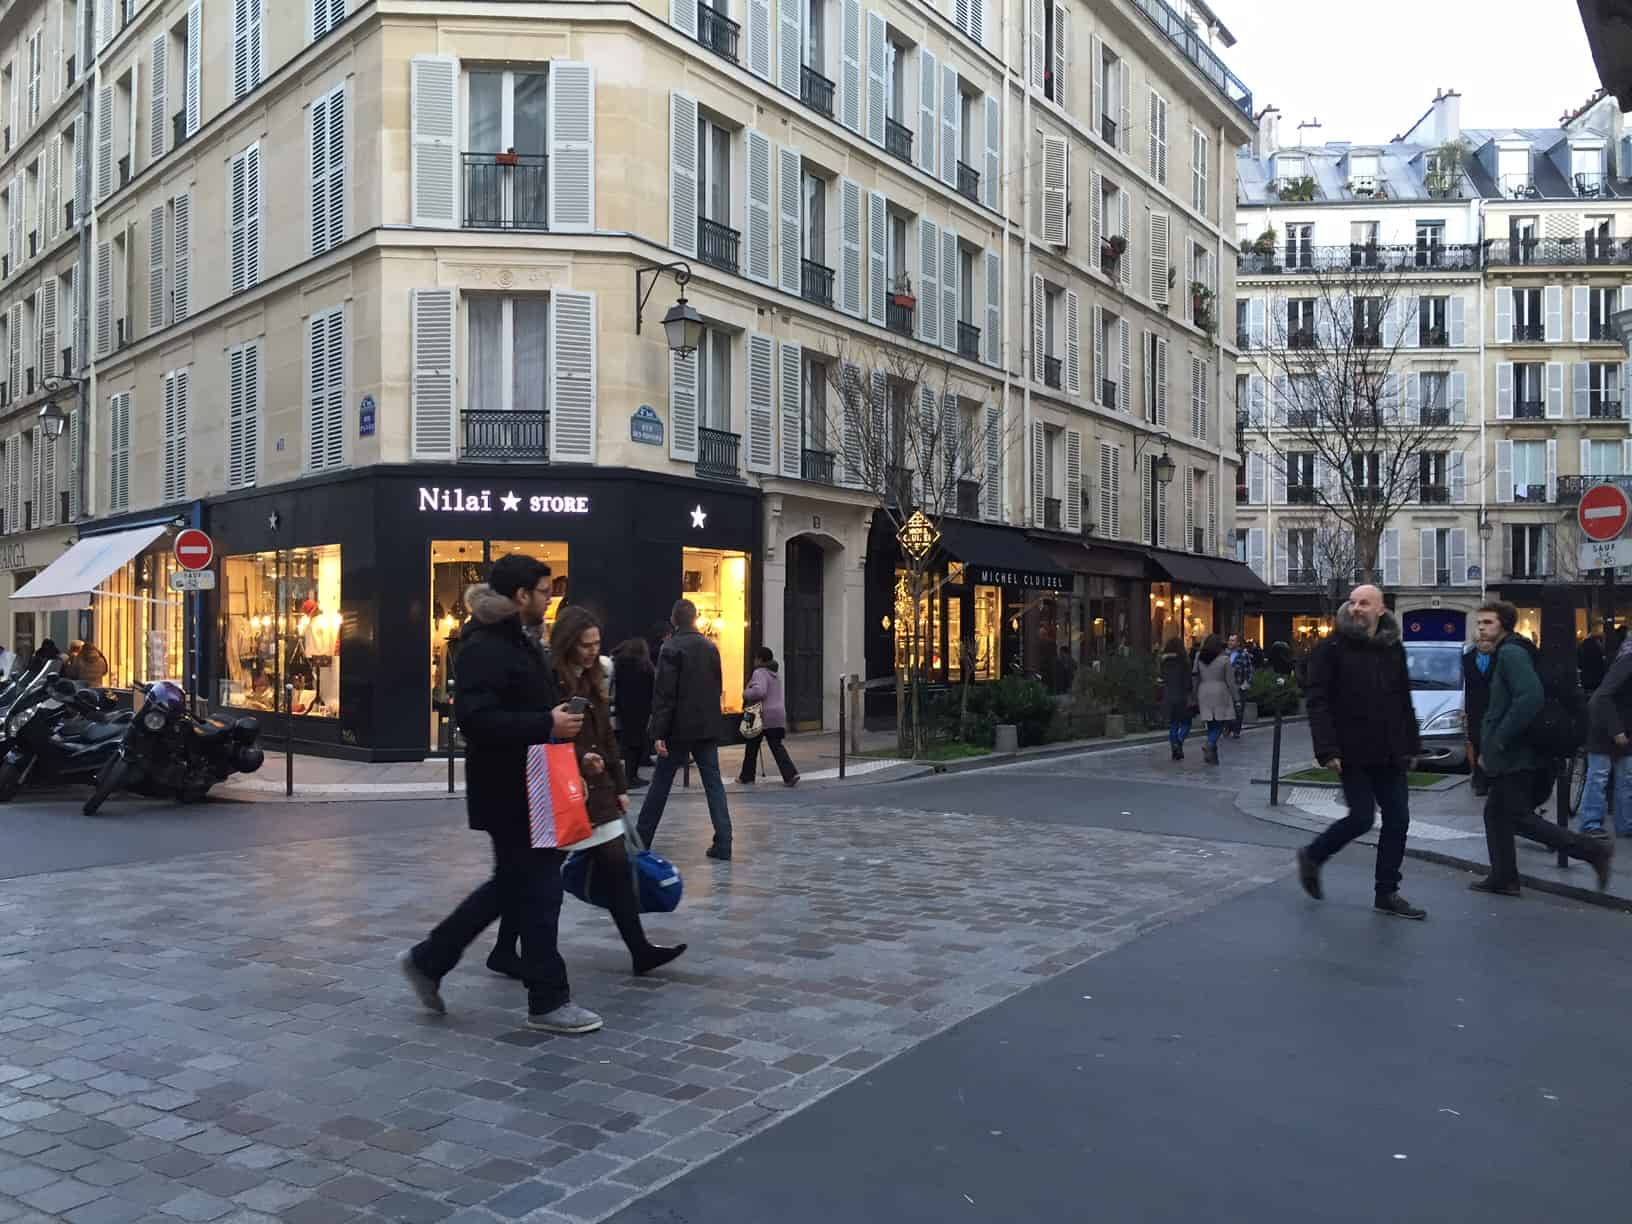 Winkelstraat in Le Marais - Parijs